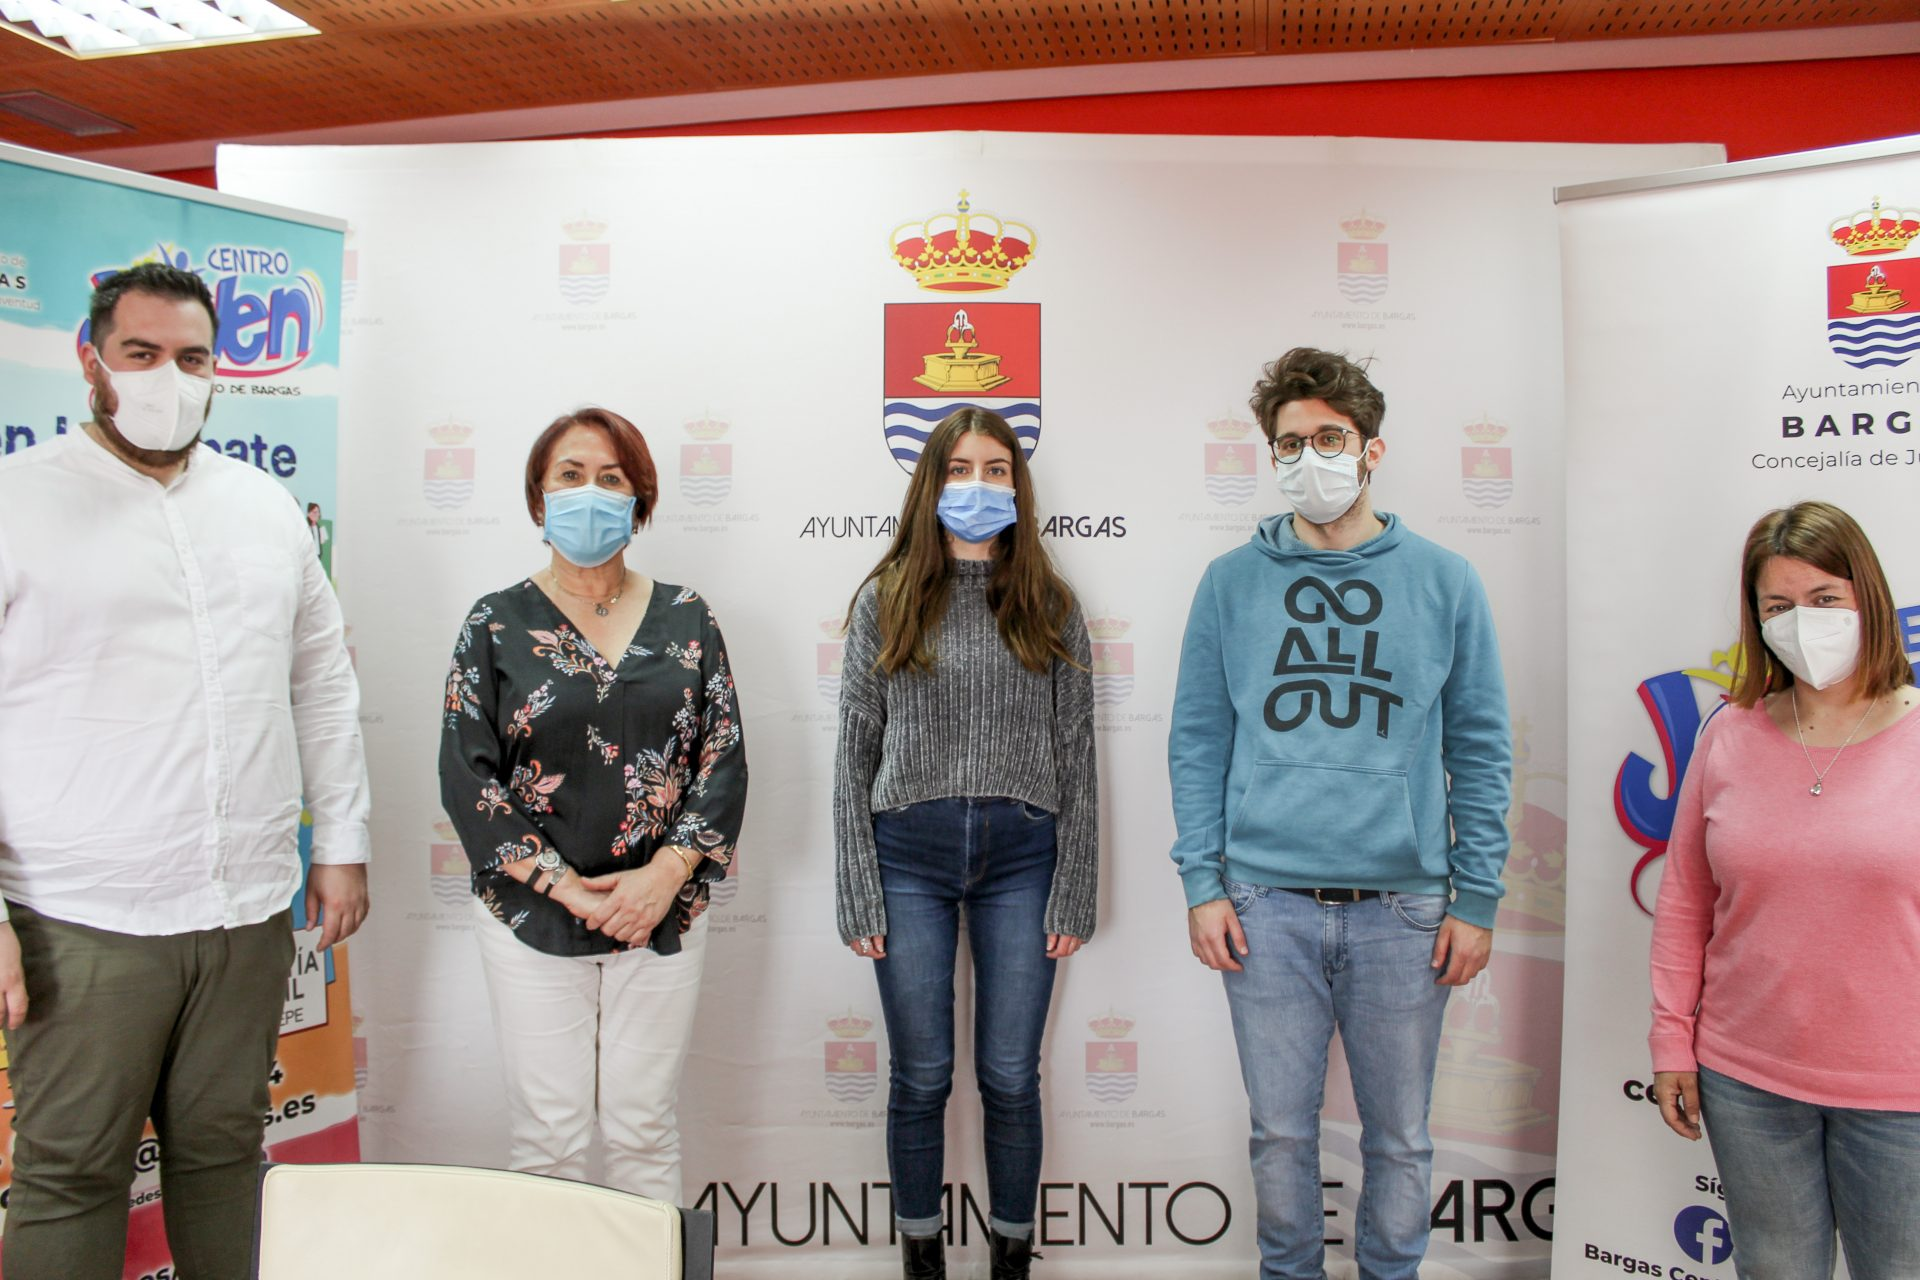 Bargas da comienzo a un nuevo proyecto europeo de voluntariado para jóvenes